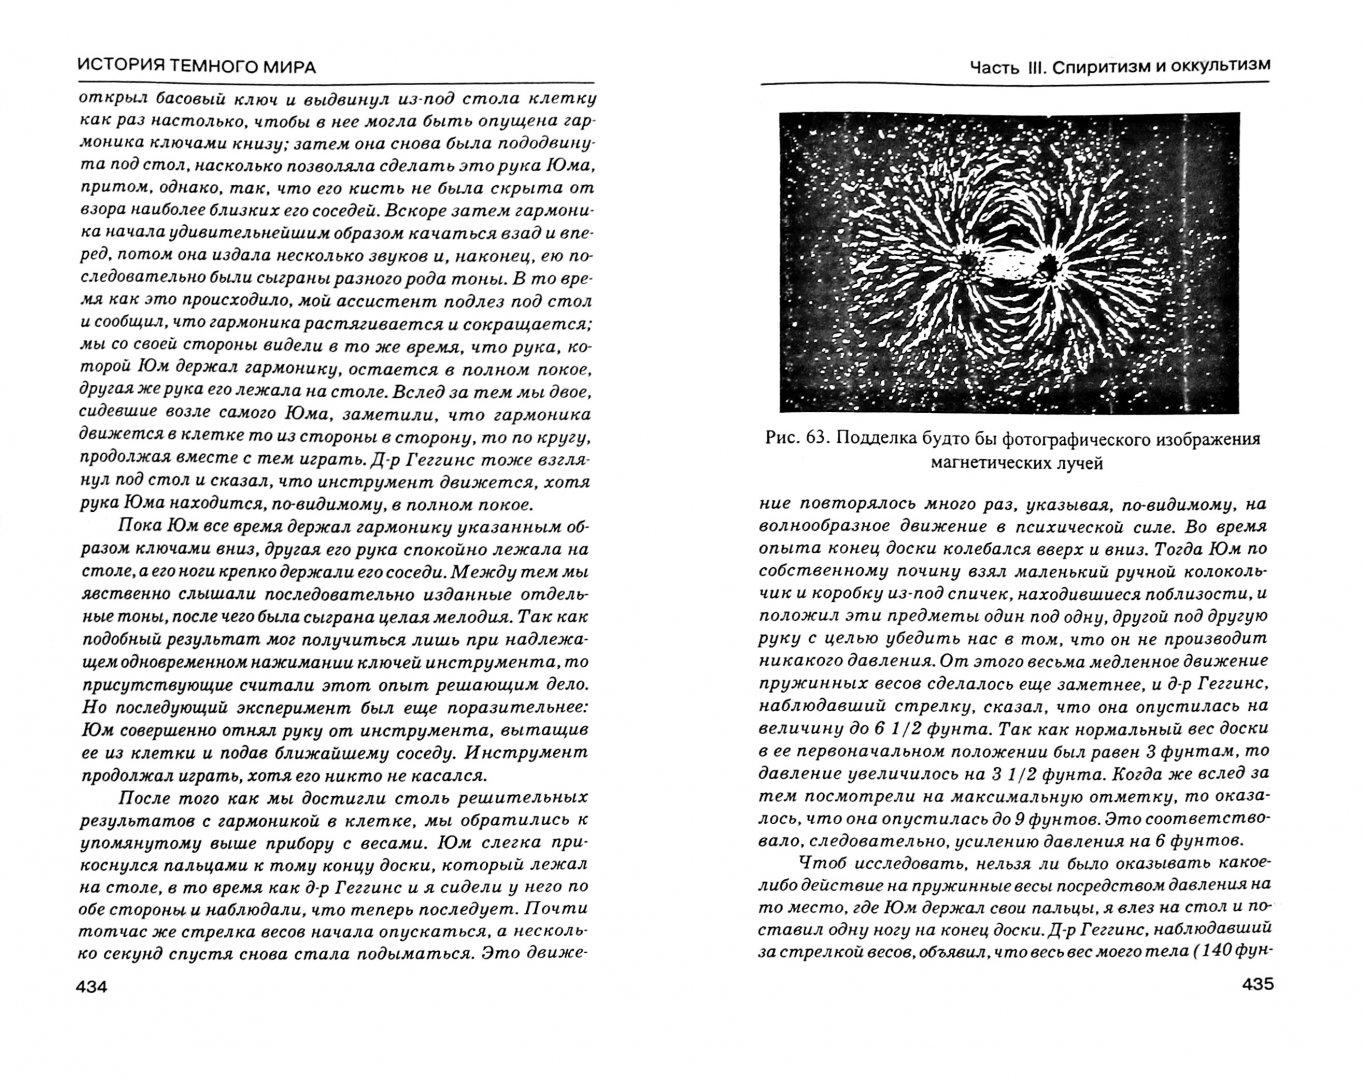 Иллюстрация 1 из 31 для История темного мира - Александр Лидин | Лабиринт - книги. Источник: Лабиринт